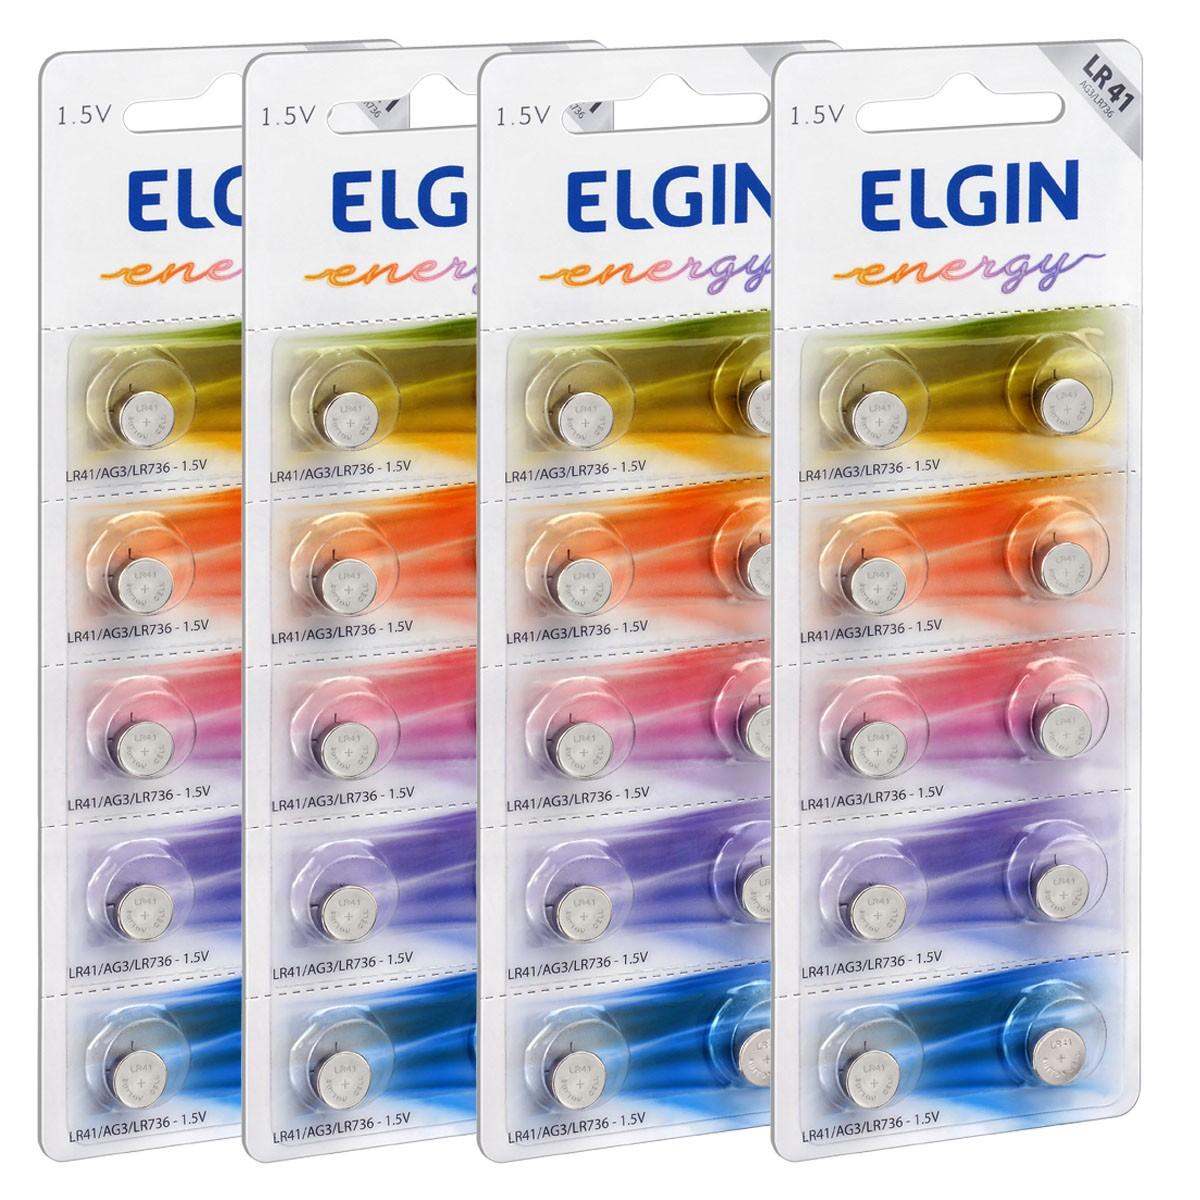 40 Pilhas Baterias LR41 192 Alcalina ELGIN 4 cartelas